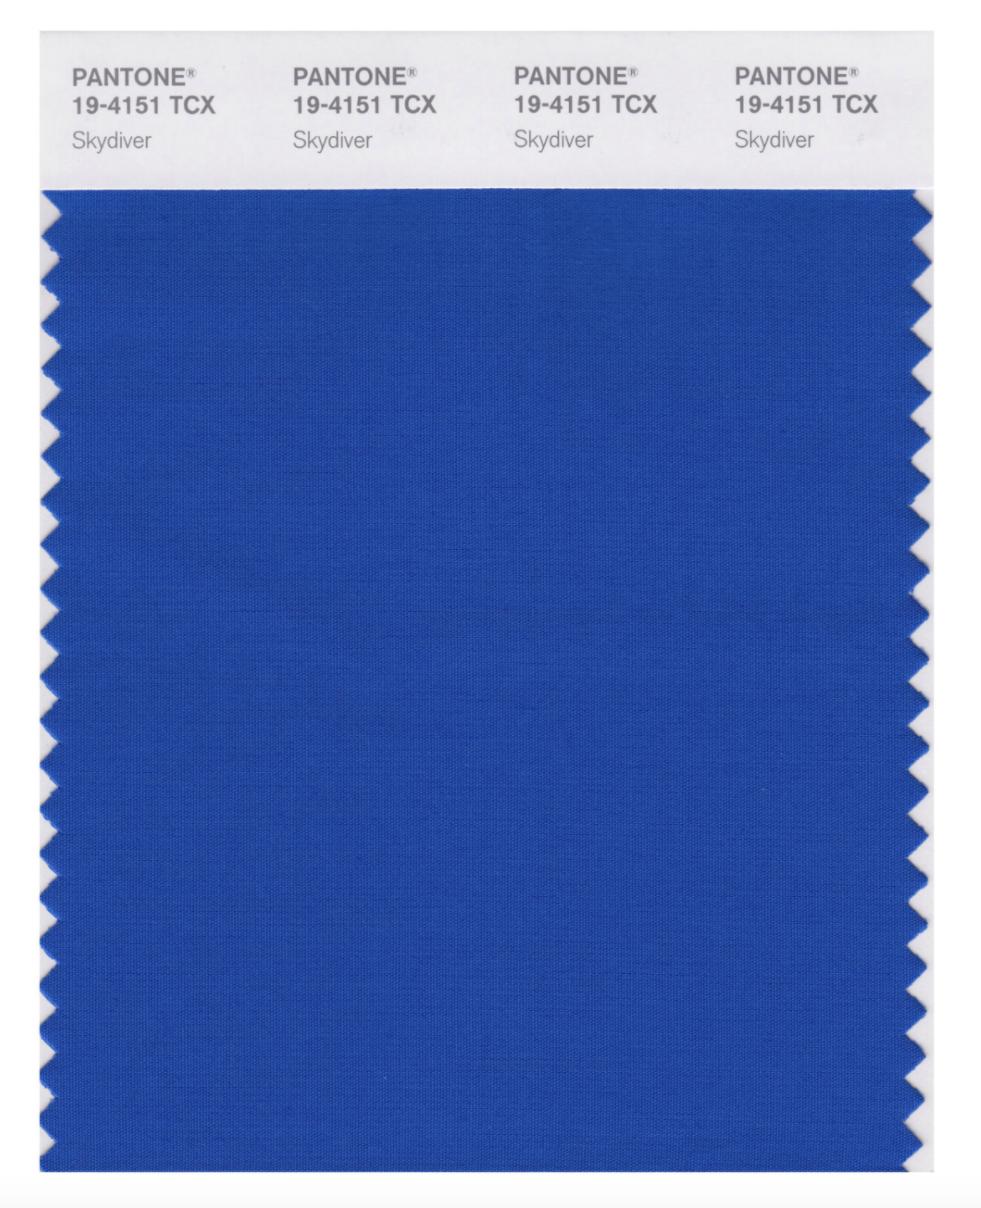 Институт Pantone представил главные цвета весны 2022 года (ФОТО) - фото №4